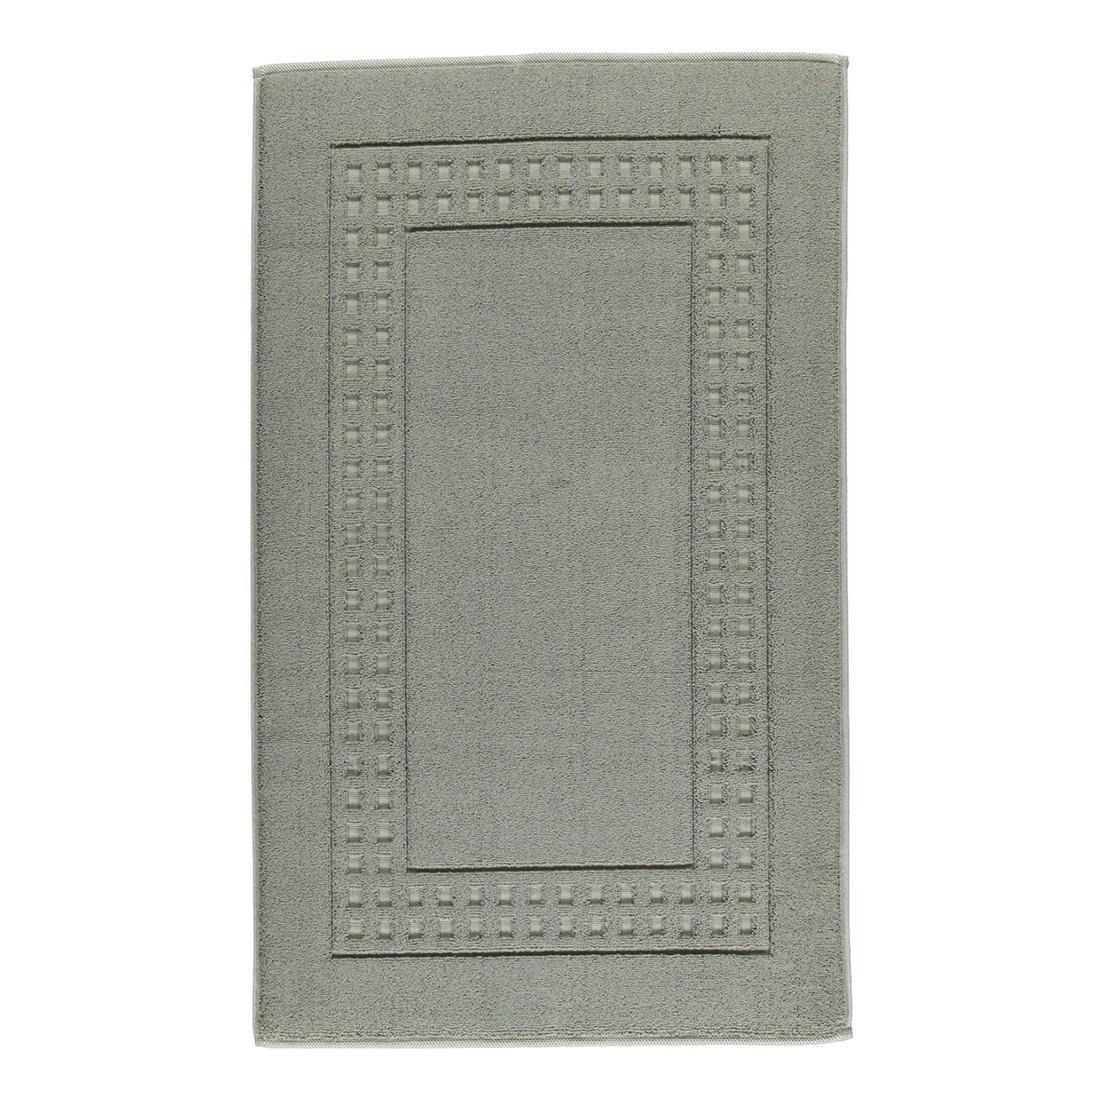 Badteppich Country – 100% Baumwolle pepple- Stone/ivory – 065 – Abmessungen: 60 x 100 cm, Vossen günstig bestellen